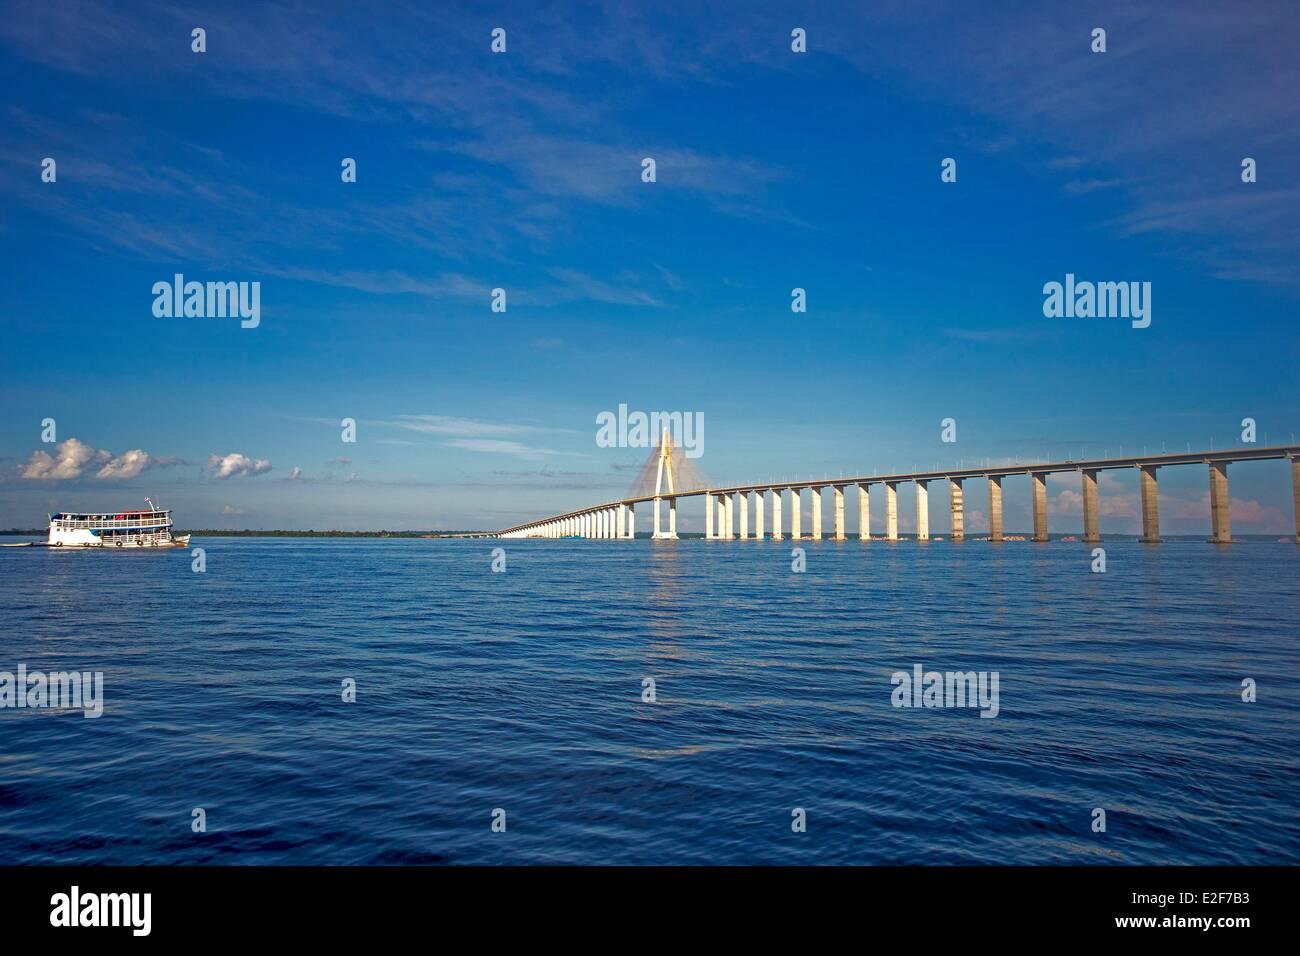 Brazil, Amazonas State, Manaus, Ponte Rio Negro (Manaus Iranduba Bridge) crossing Rio Negro (aerial view) - Stock Image